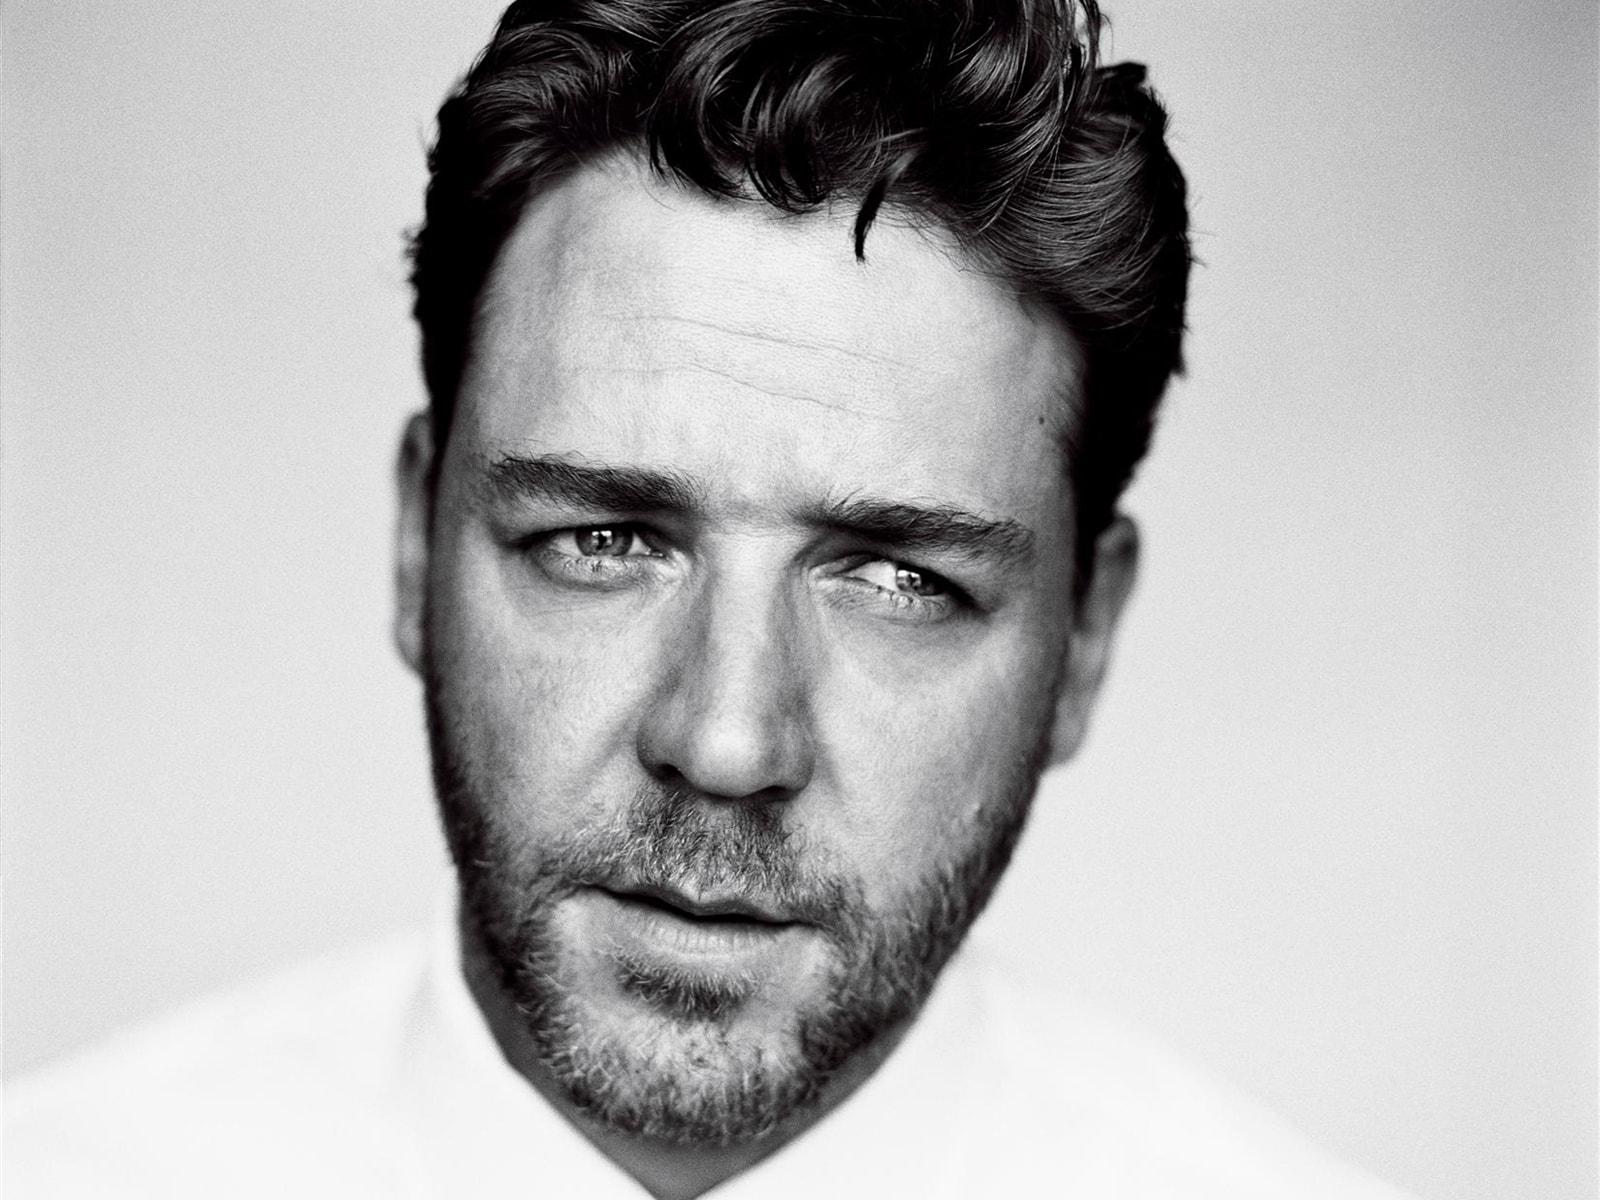 Russell Crowe Widescreen for desktop